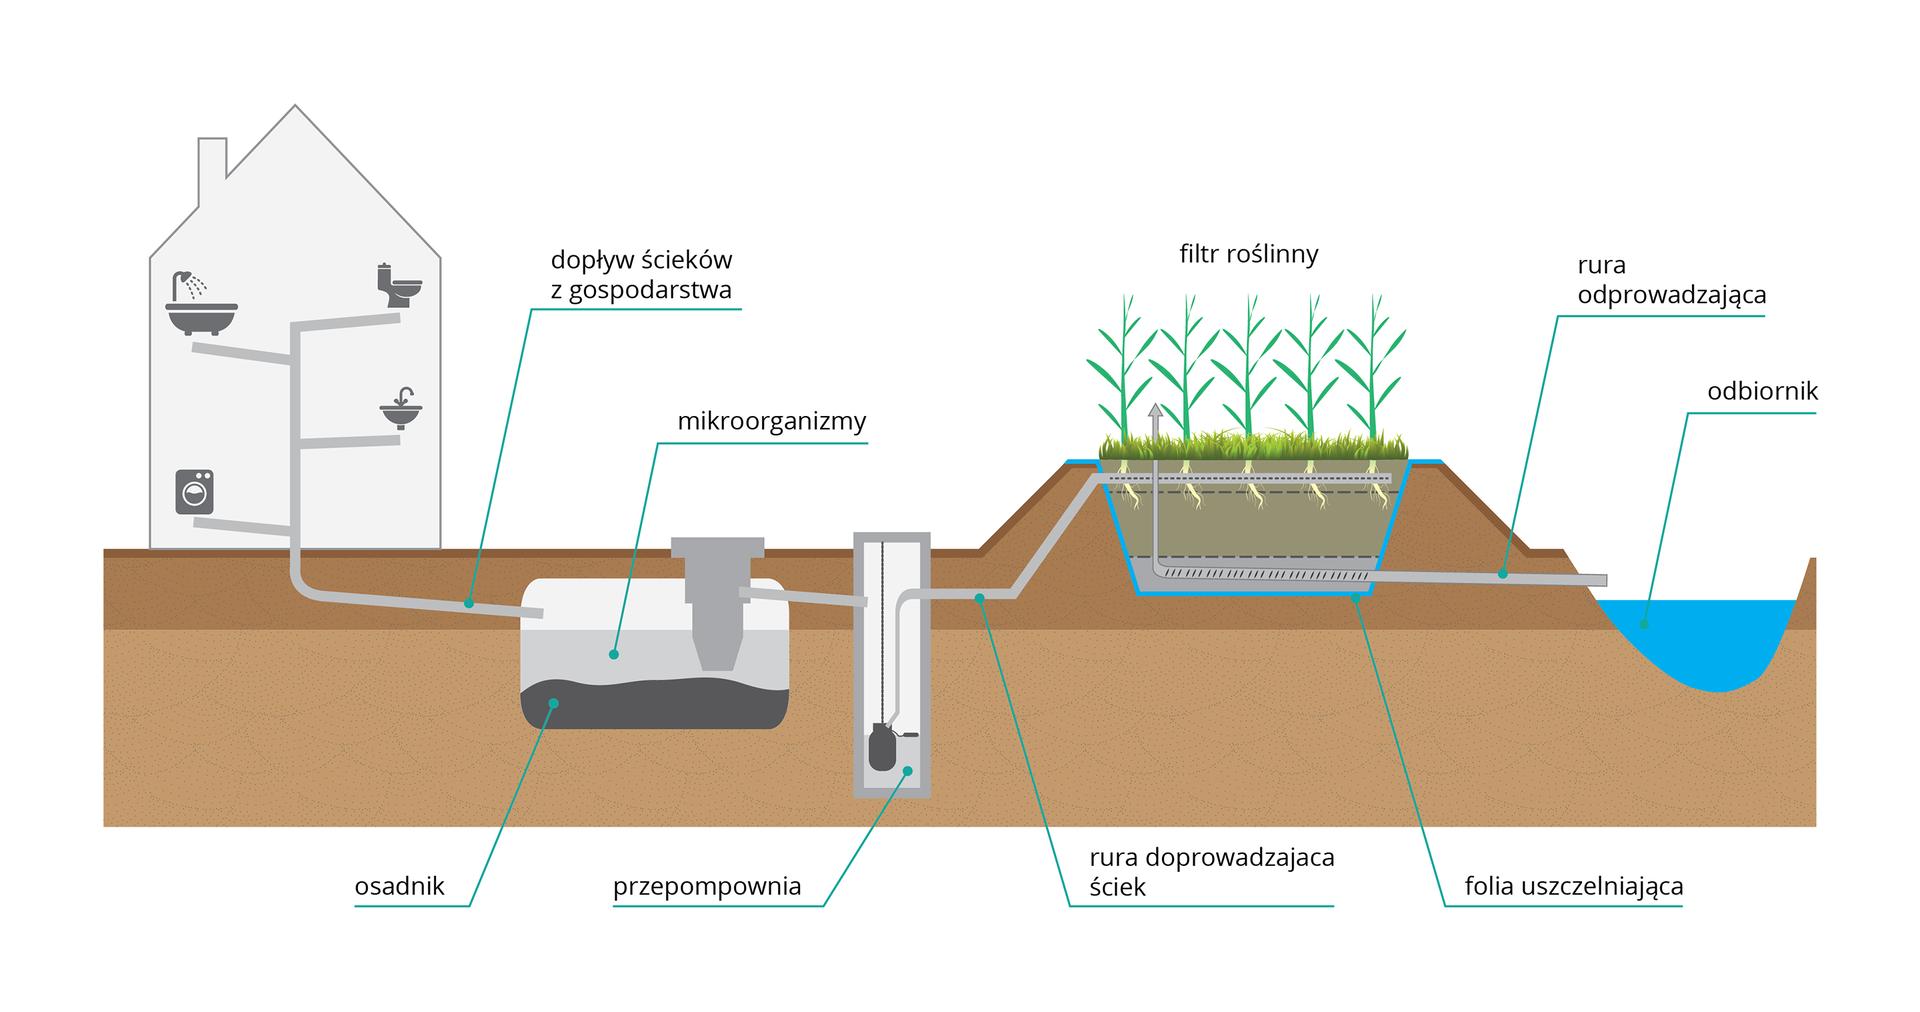 Ilustracja przedstawia sposób oczyszczania ścieków przy użyciu roślin. Kolor brązowy oznacza glebę, niebieski wodę. Zlewej przekrój przez budynek zuwzględnieniem urządzeń sanitarnych. Szara rurka wprawo prowadzi do zbiornika, wktórym działają mikroorganizmy. Ma on na dnie ciemny osad. Dalej ścieki poprzez pionowy prostokąt, czyli przepompownię trafiają na podwyższenie, wktórym rosną różne zielone rośliny. Stąd oczyszczona woda jest odprowadzana do zbiornika.